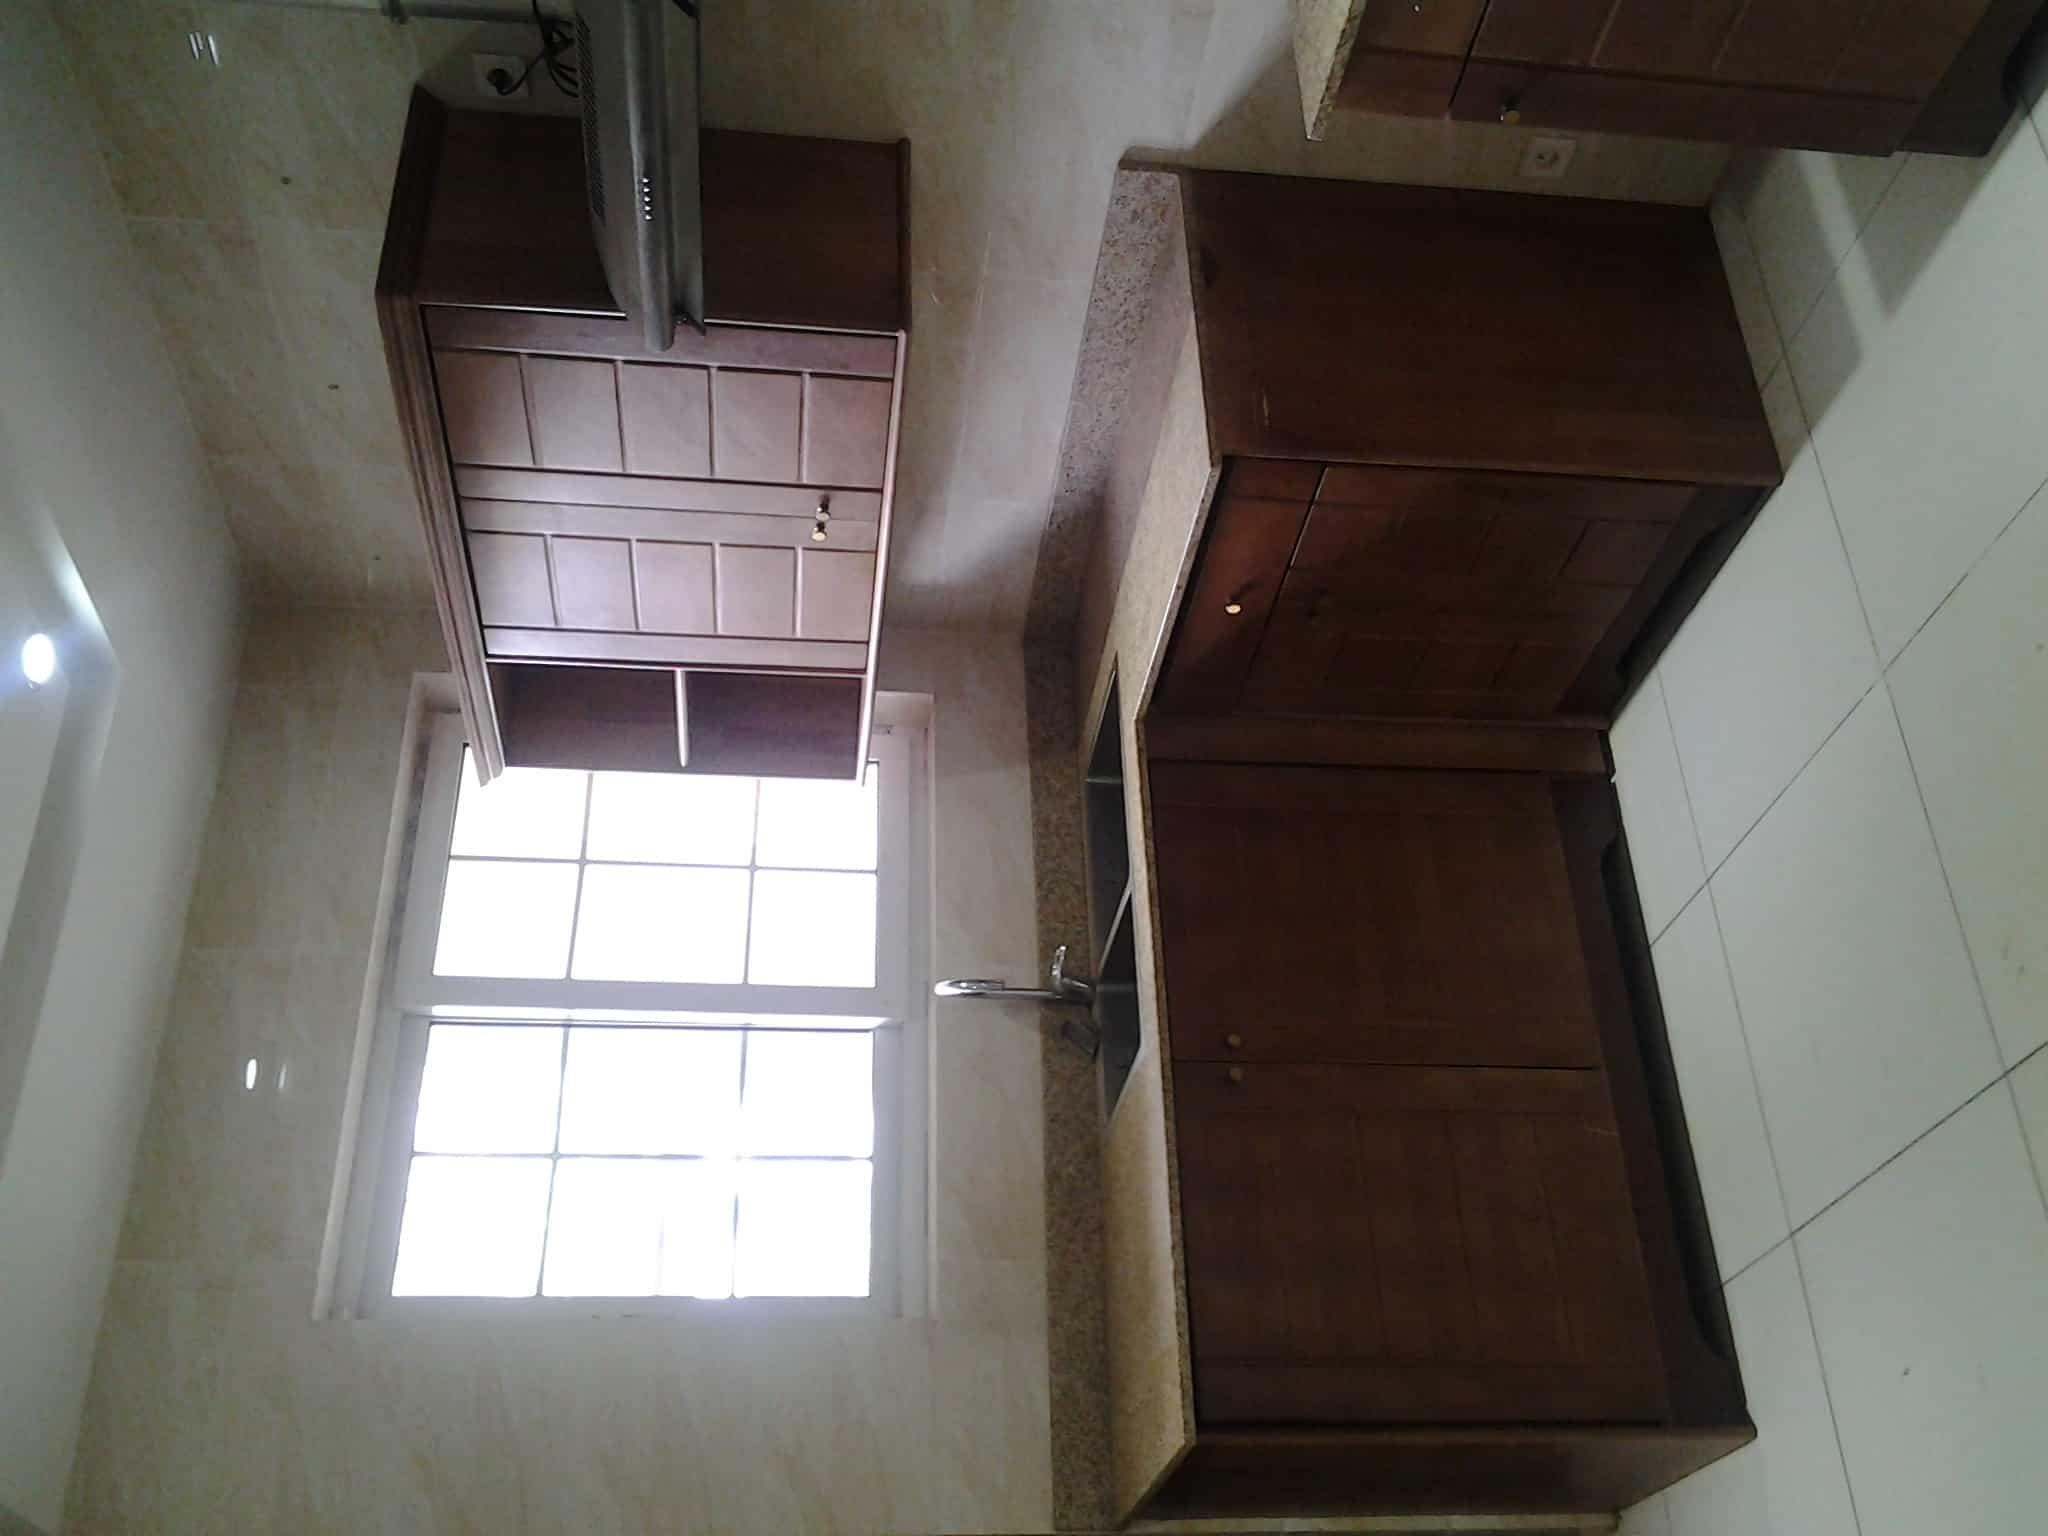 Apartment to rent - Yaoundé, Bastos, nouvelle route bastos - 2 living room(s), 3 bedroom(s), 4 bathroom(s) - 1 300 000 FCFA / month